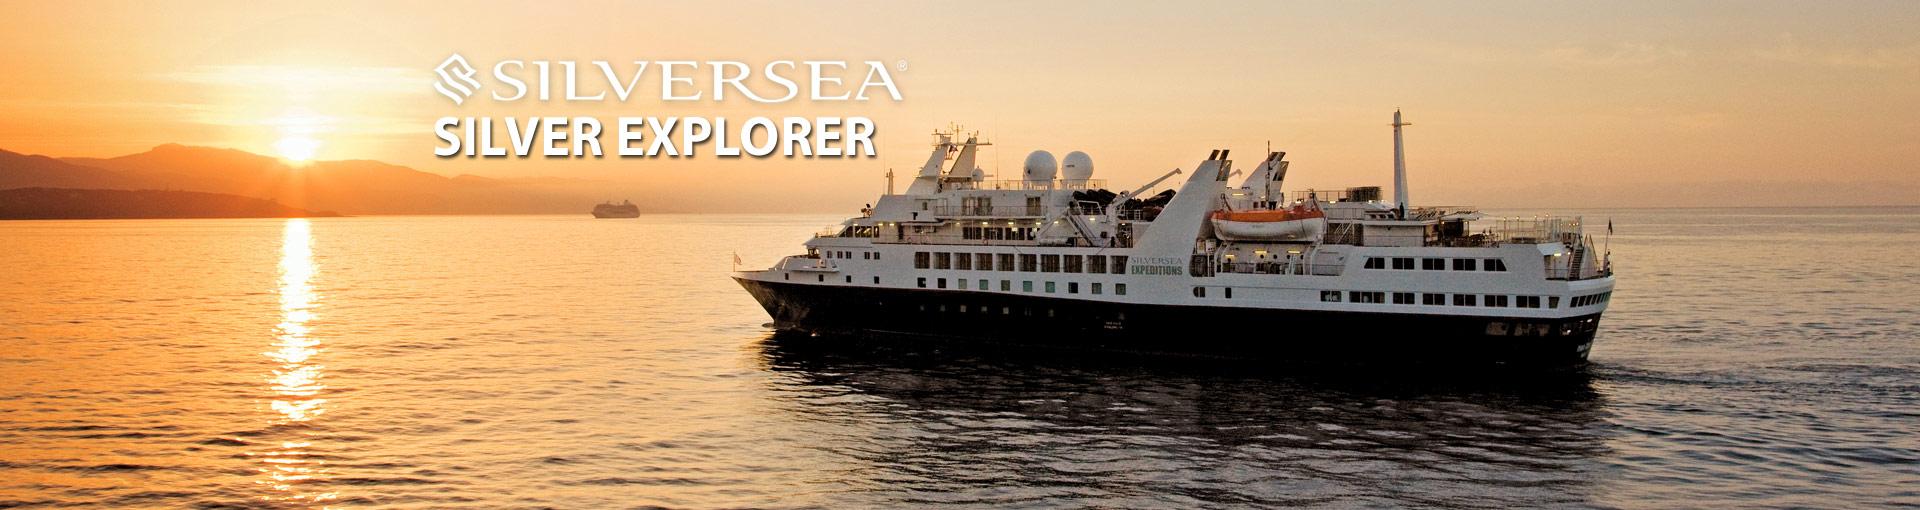 Silversea Cruises Silver Explorer cruise ship